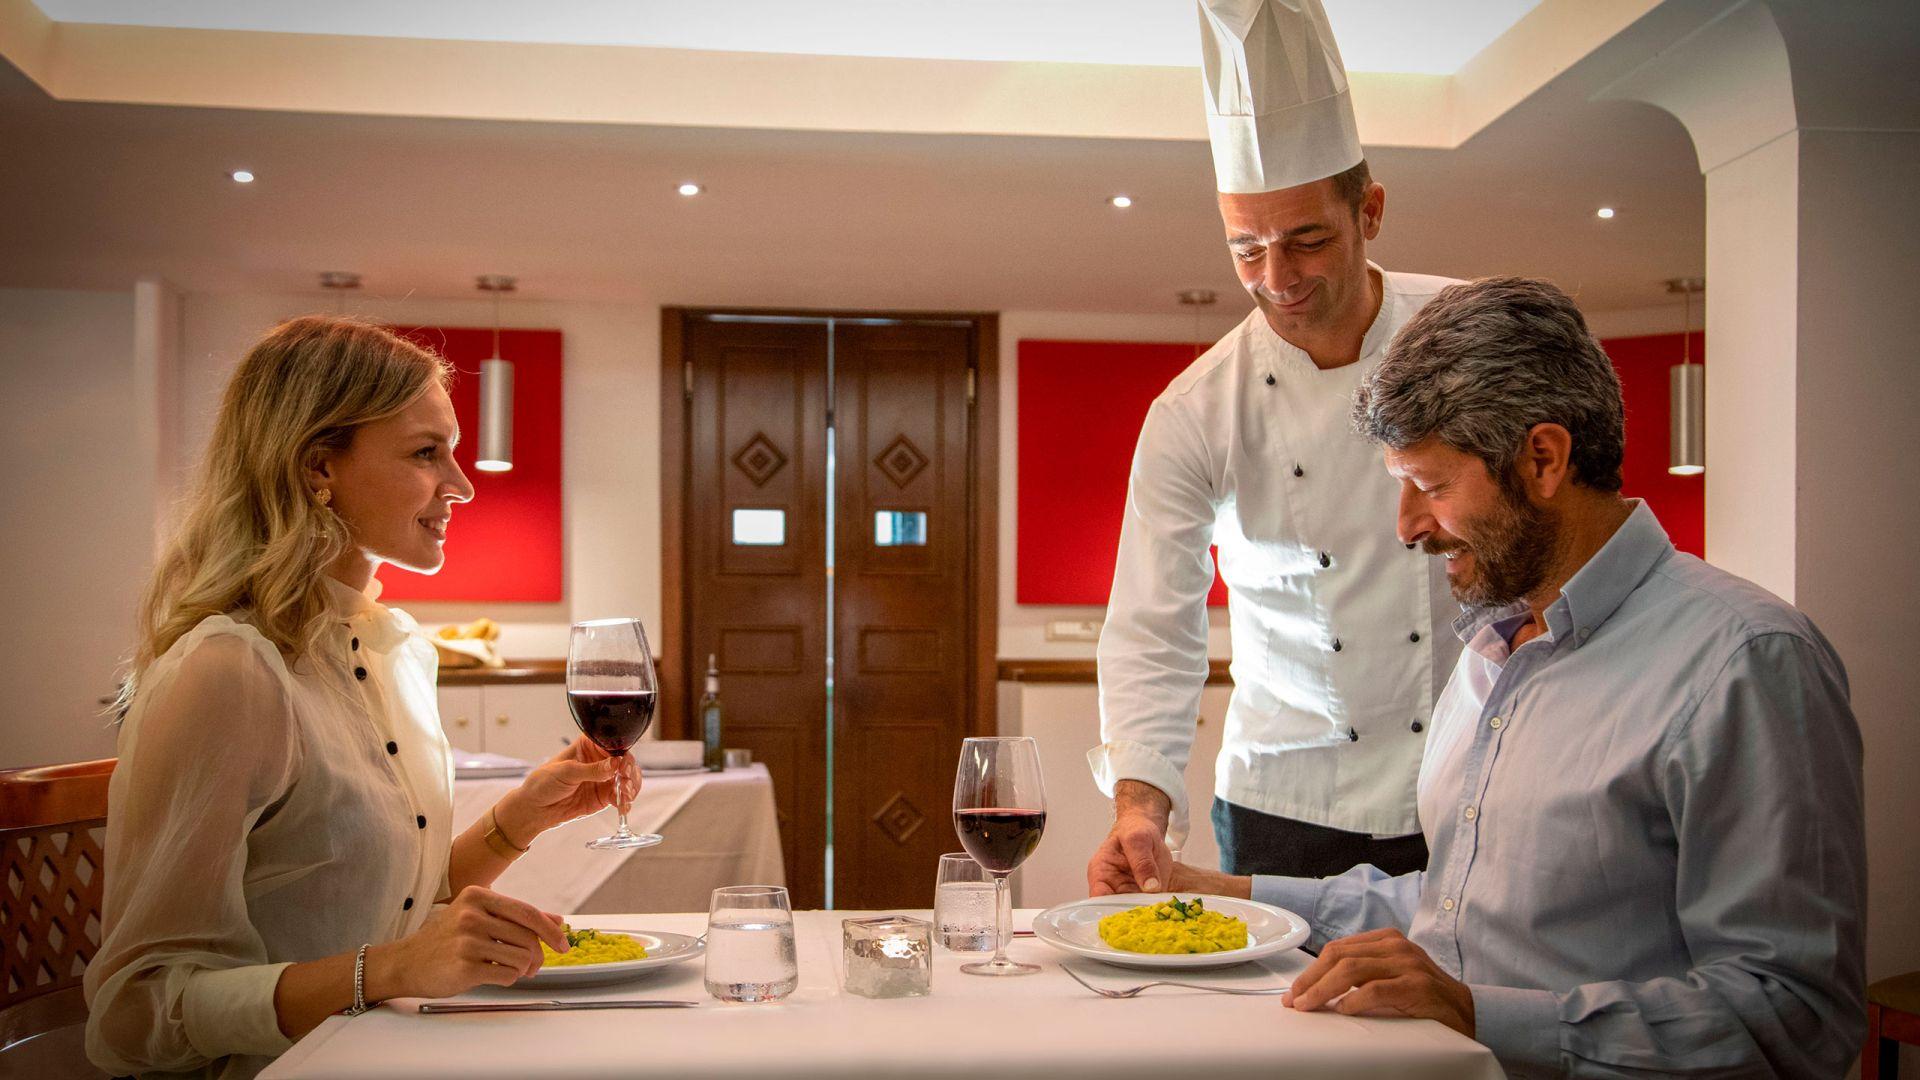 IMG-7170--Hotel-Oxofrd-Roma-Quart-Restaurant.jpg